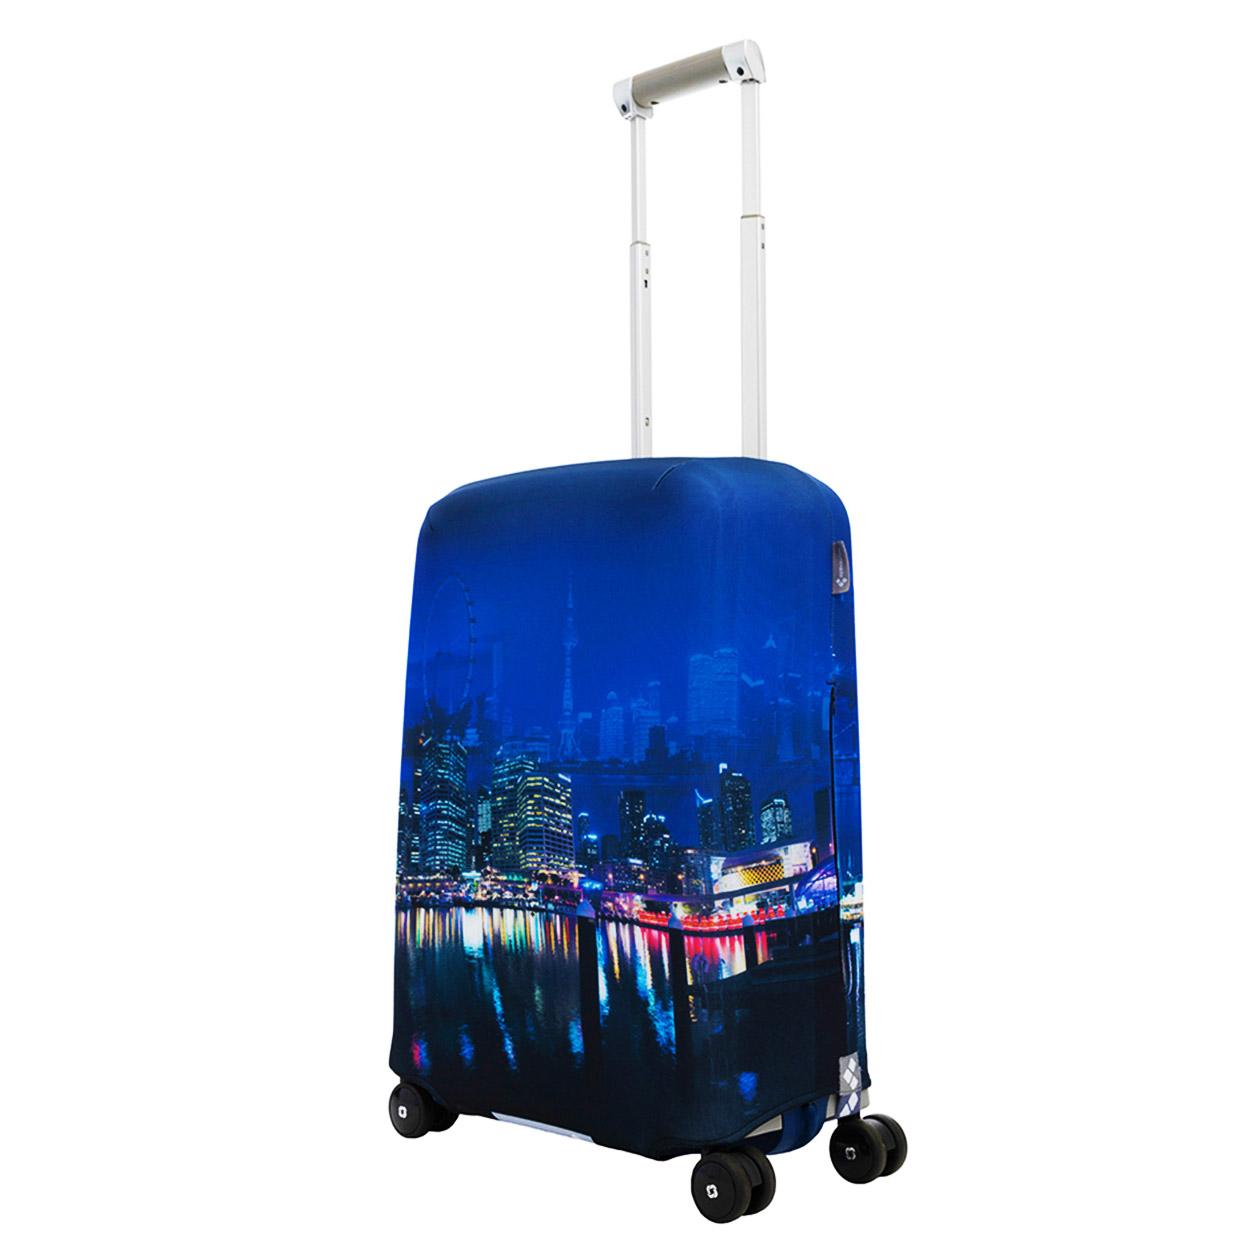 Чехол для чемодана Routemark Voyager M/L чехол для чемодана routemark искры и блестки art lebedev sp310 s фиолетовый